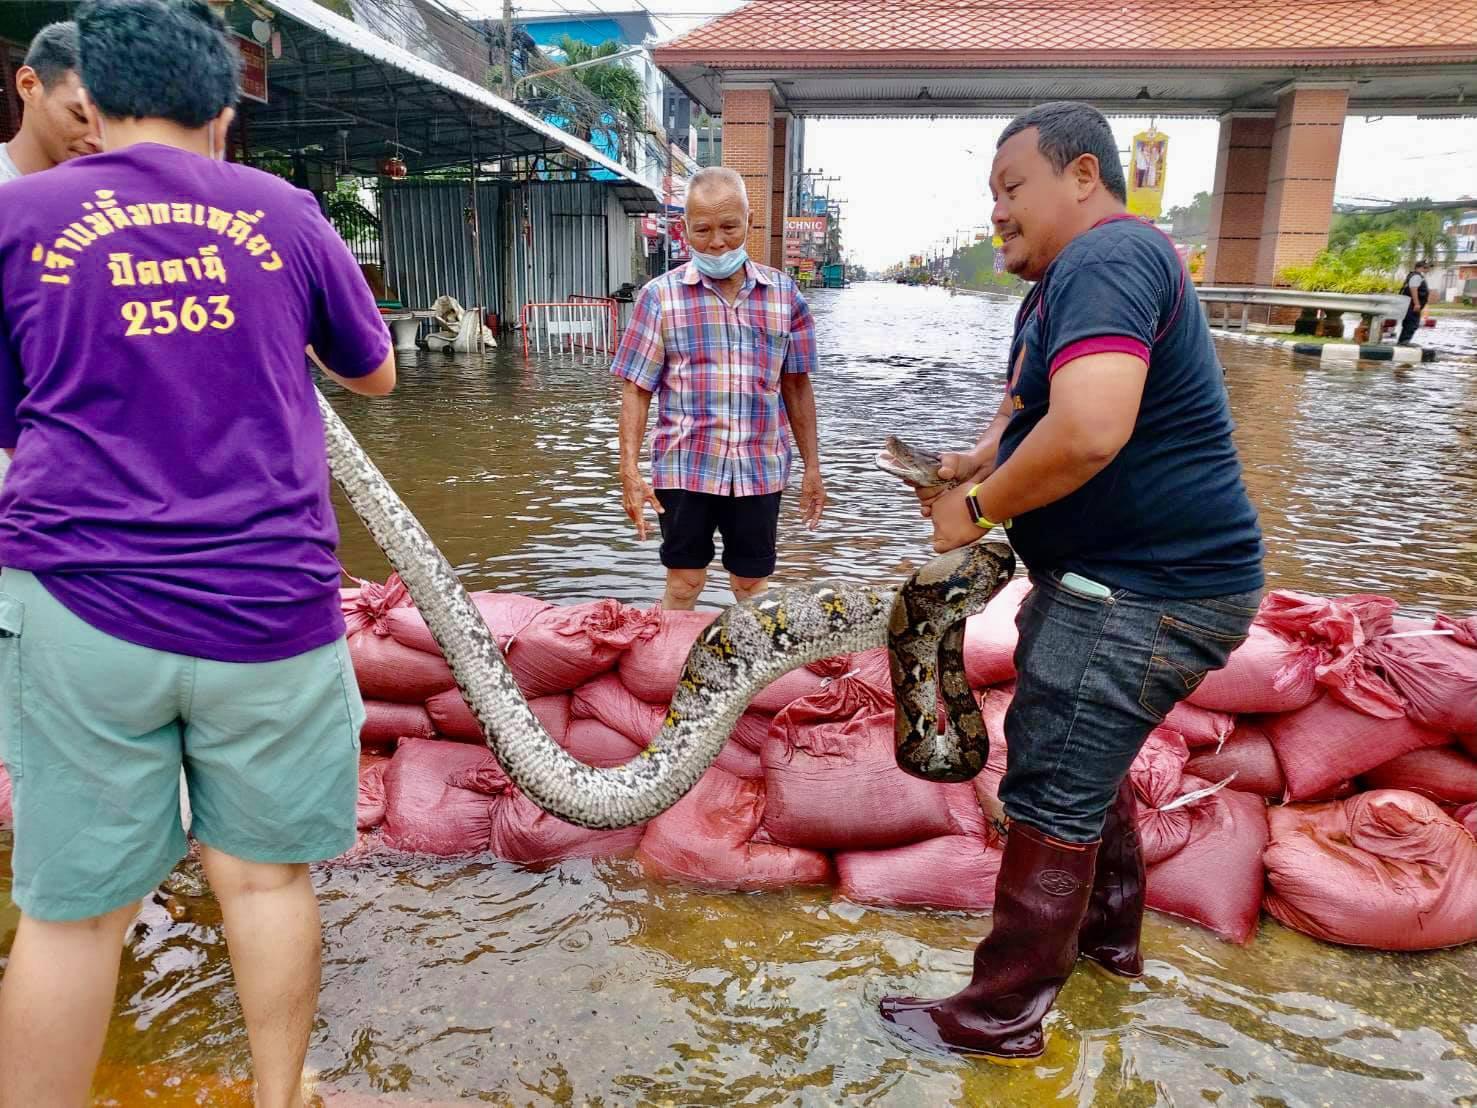 ปัตตานียังเดือดร้อน น้ำท่วมตัวเมือง นายกฯสั่งทุกหน่วยเร่งดูแล